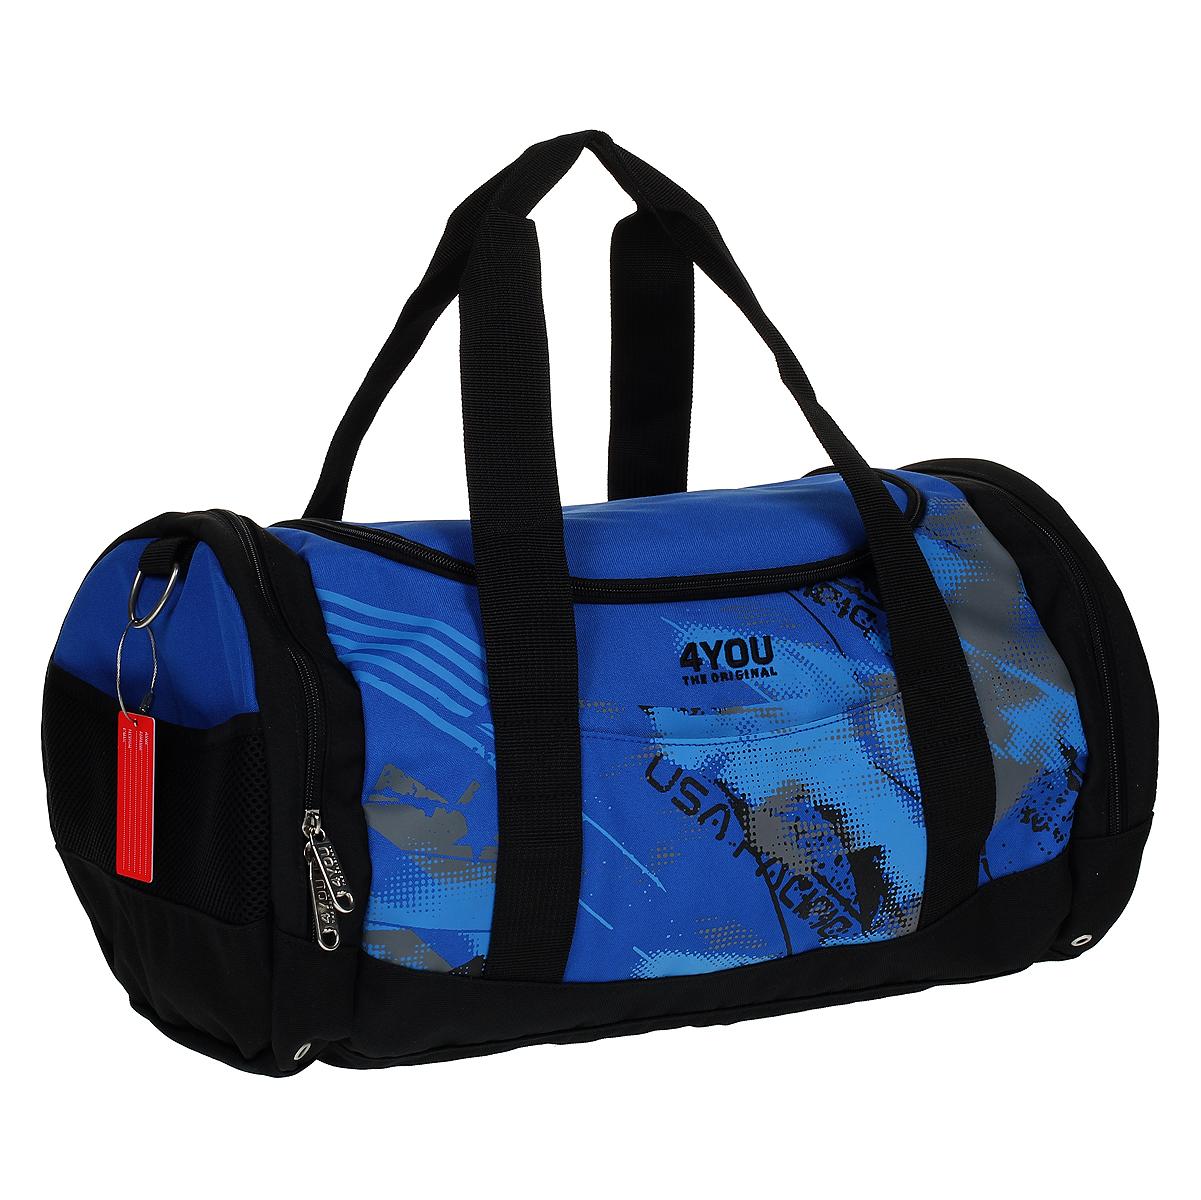 Сумка школьная 4You Спорт: Океан, цвет: синий, черный171400-608Школьная сумка 4You Спорт: Океан предназначена для переноски спортивных вещей, обуви и инвентаря. Сумка выполнена из прочного износостойкого текстильного материала синего и черного цветов и содержит одно вместительное отделение, которое закрывается на застежку-молнию с двумя бегунками. На лицевой стороне сумки находится небольшой внешний карман без застежки. По бокам расположены два накладных кармана, закрывающихся также на застежки-молнии с двумя бегунками. На внешней стороне каждого находится большой сетчатый карман без застежки. Спортивная сумка оснащена двумя текстильными ручками для переноски в руке и плечевым ремнем, регулируемым по длине.